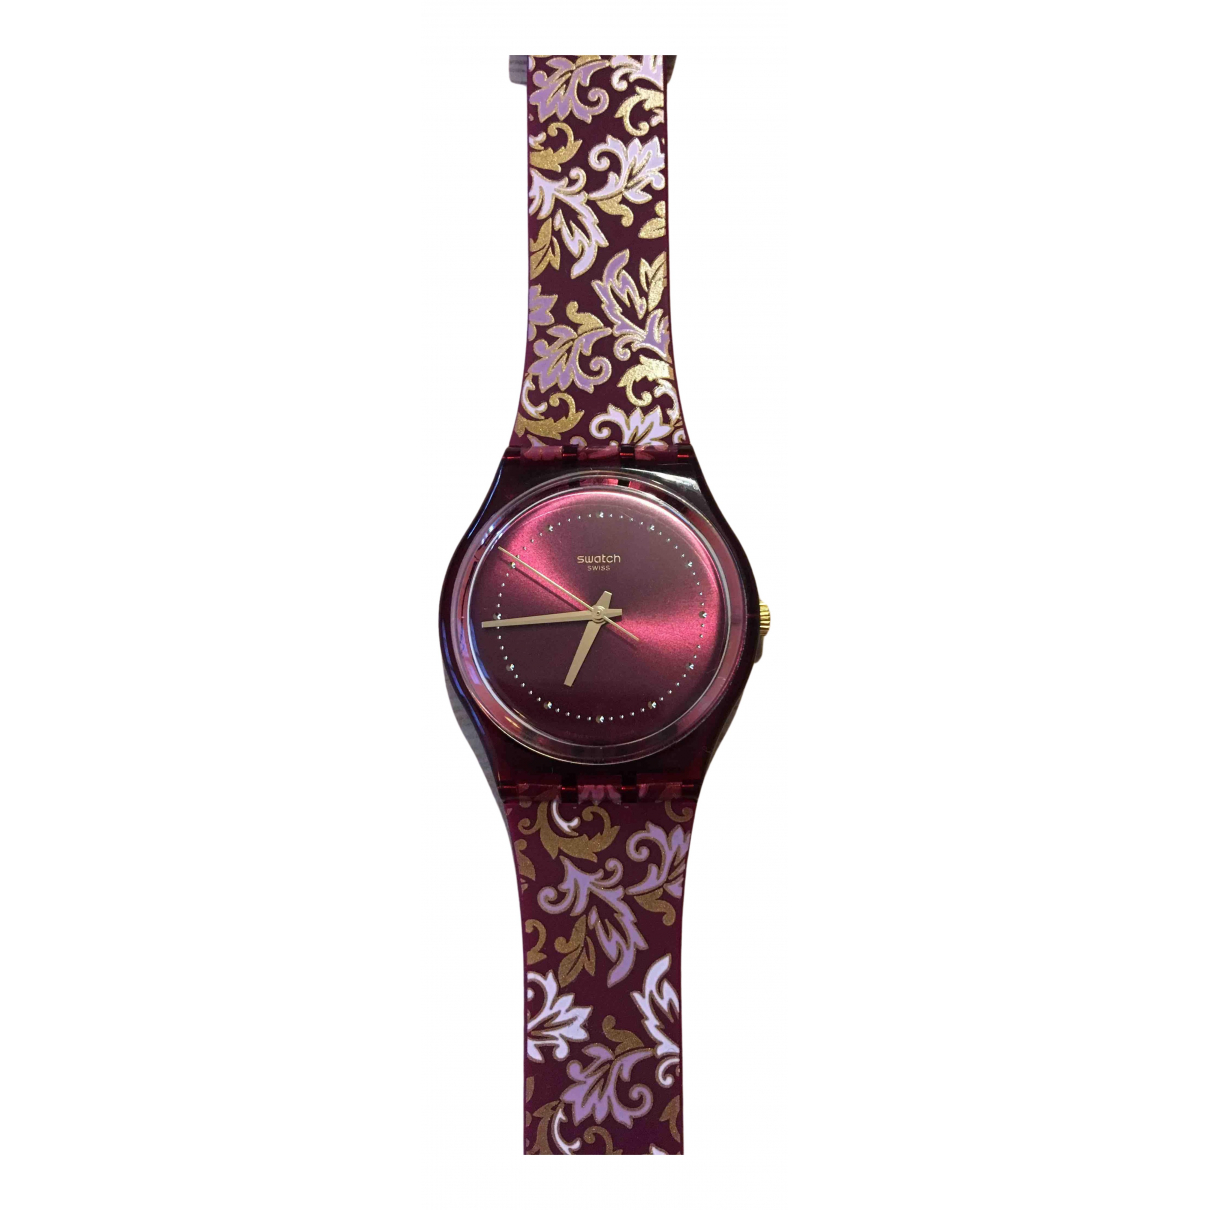 Swatch \N Uhr Bordeauxrot